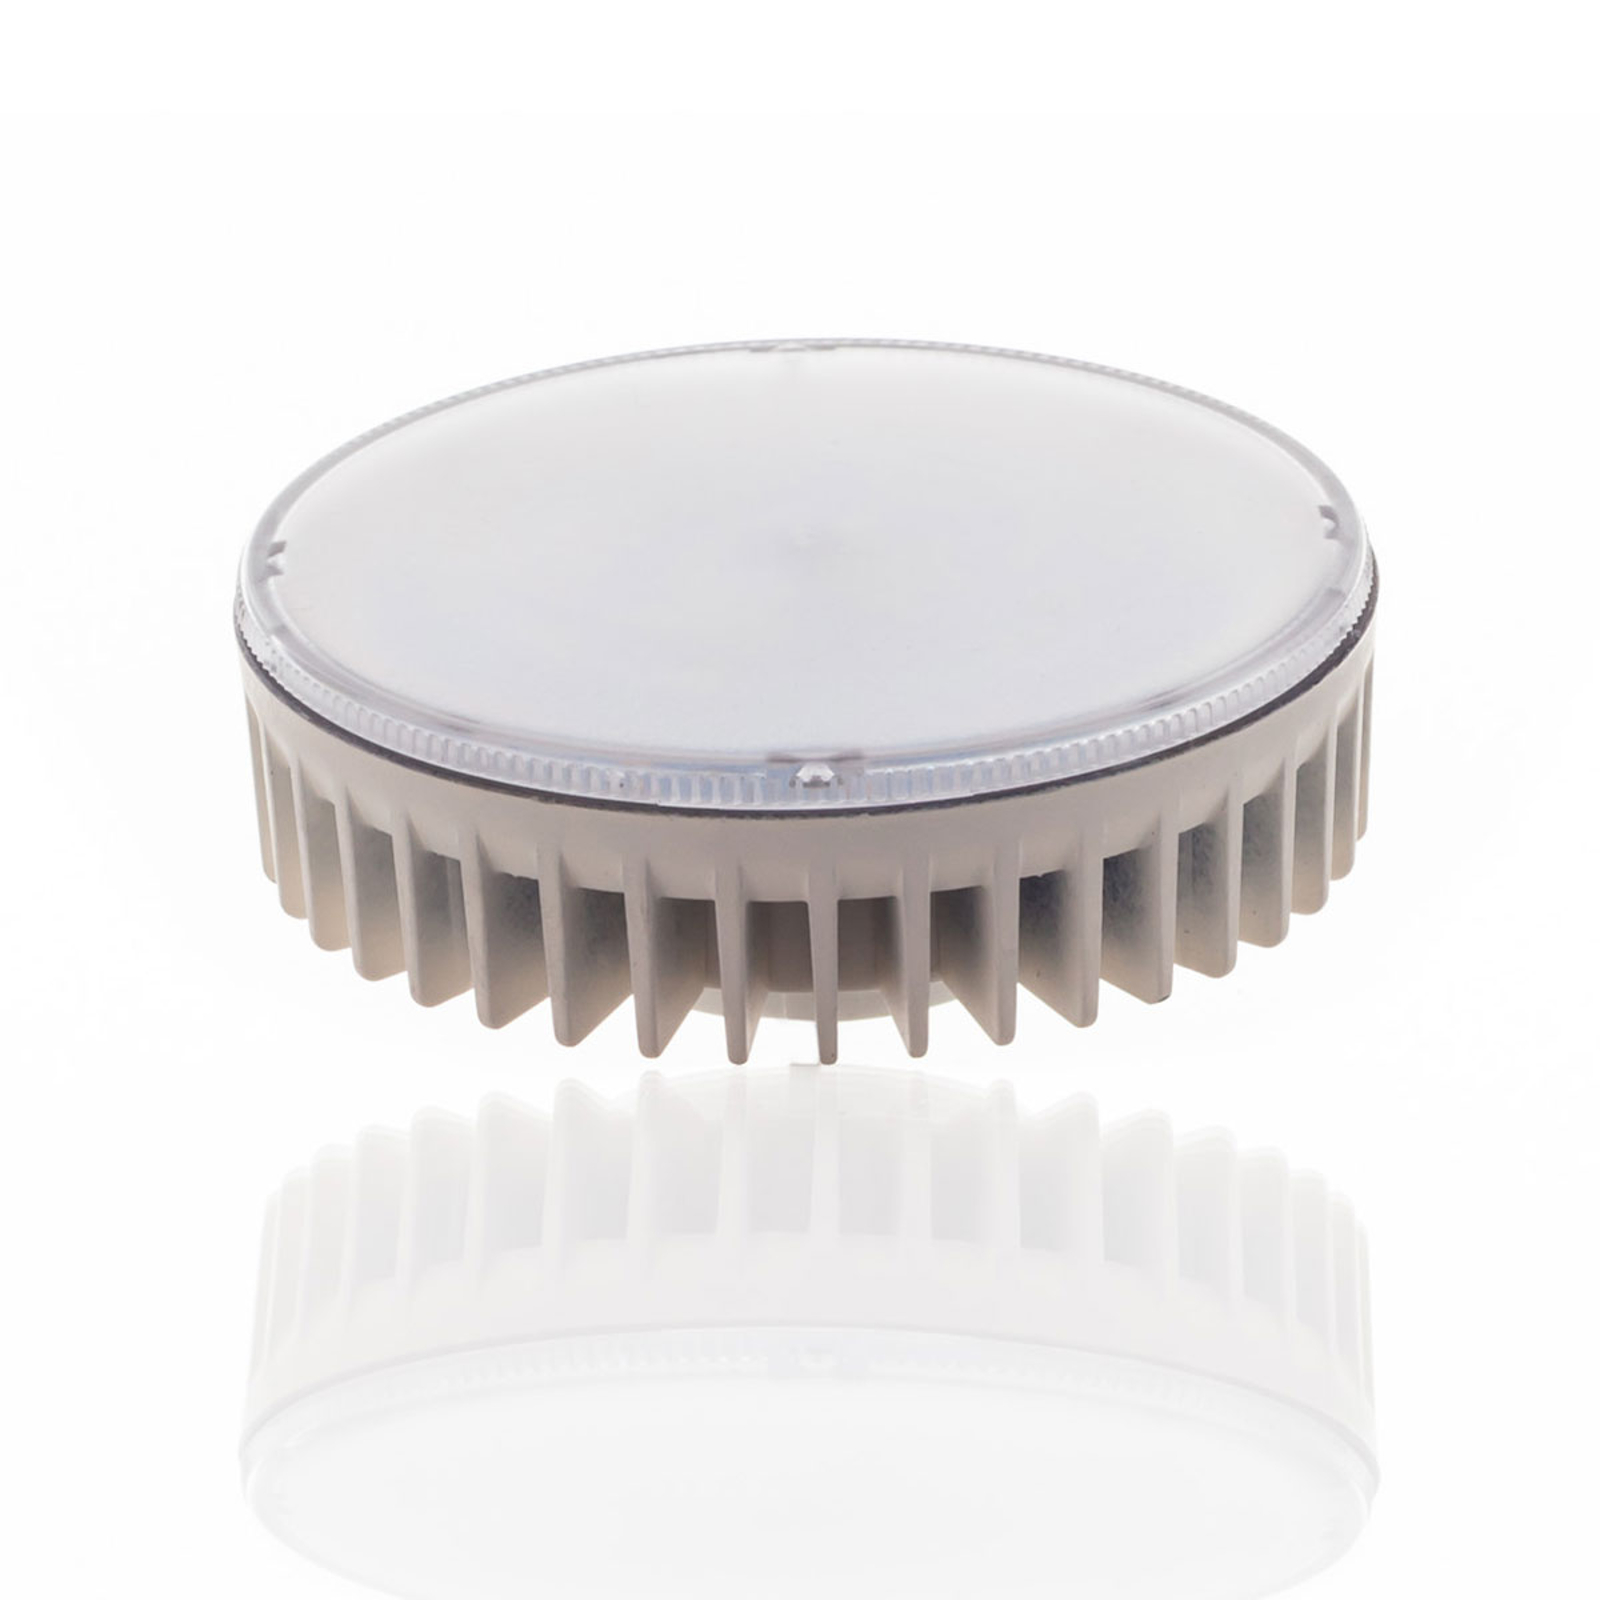 GX53 10W żarówka LED, 1.200lm, 3000/4000/6500K